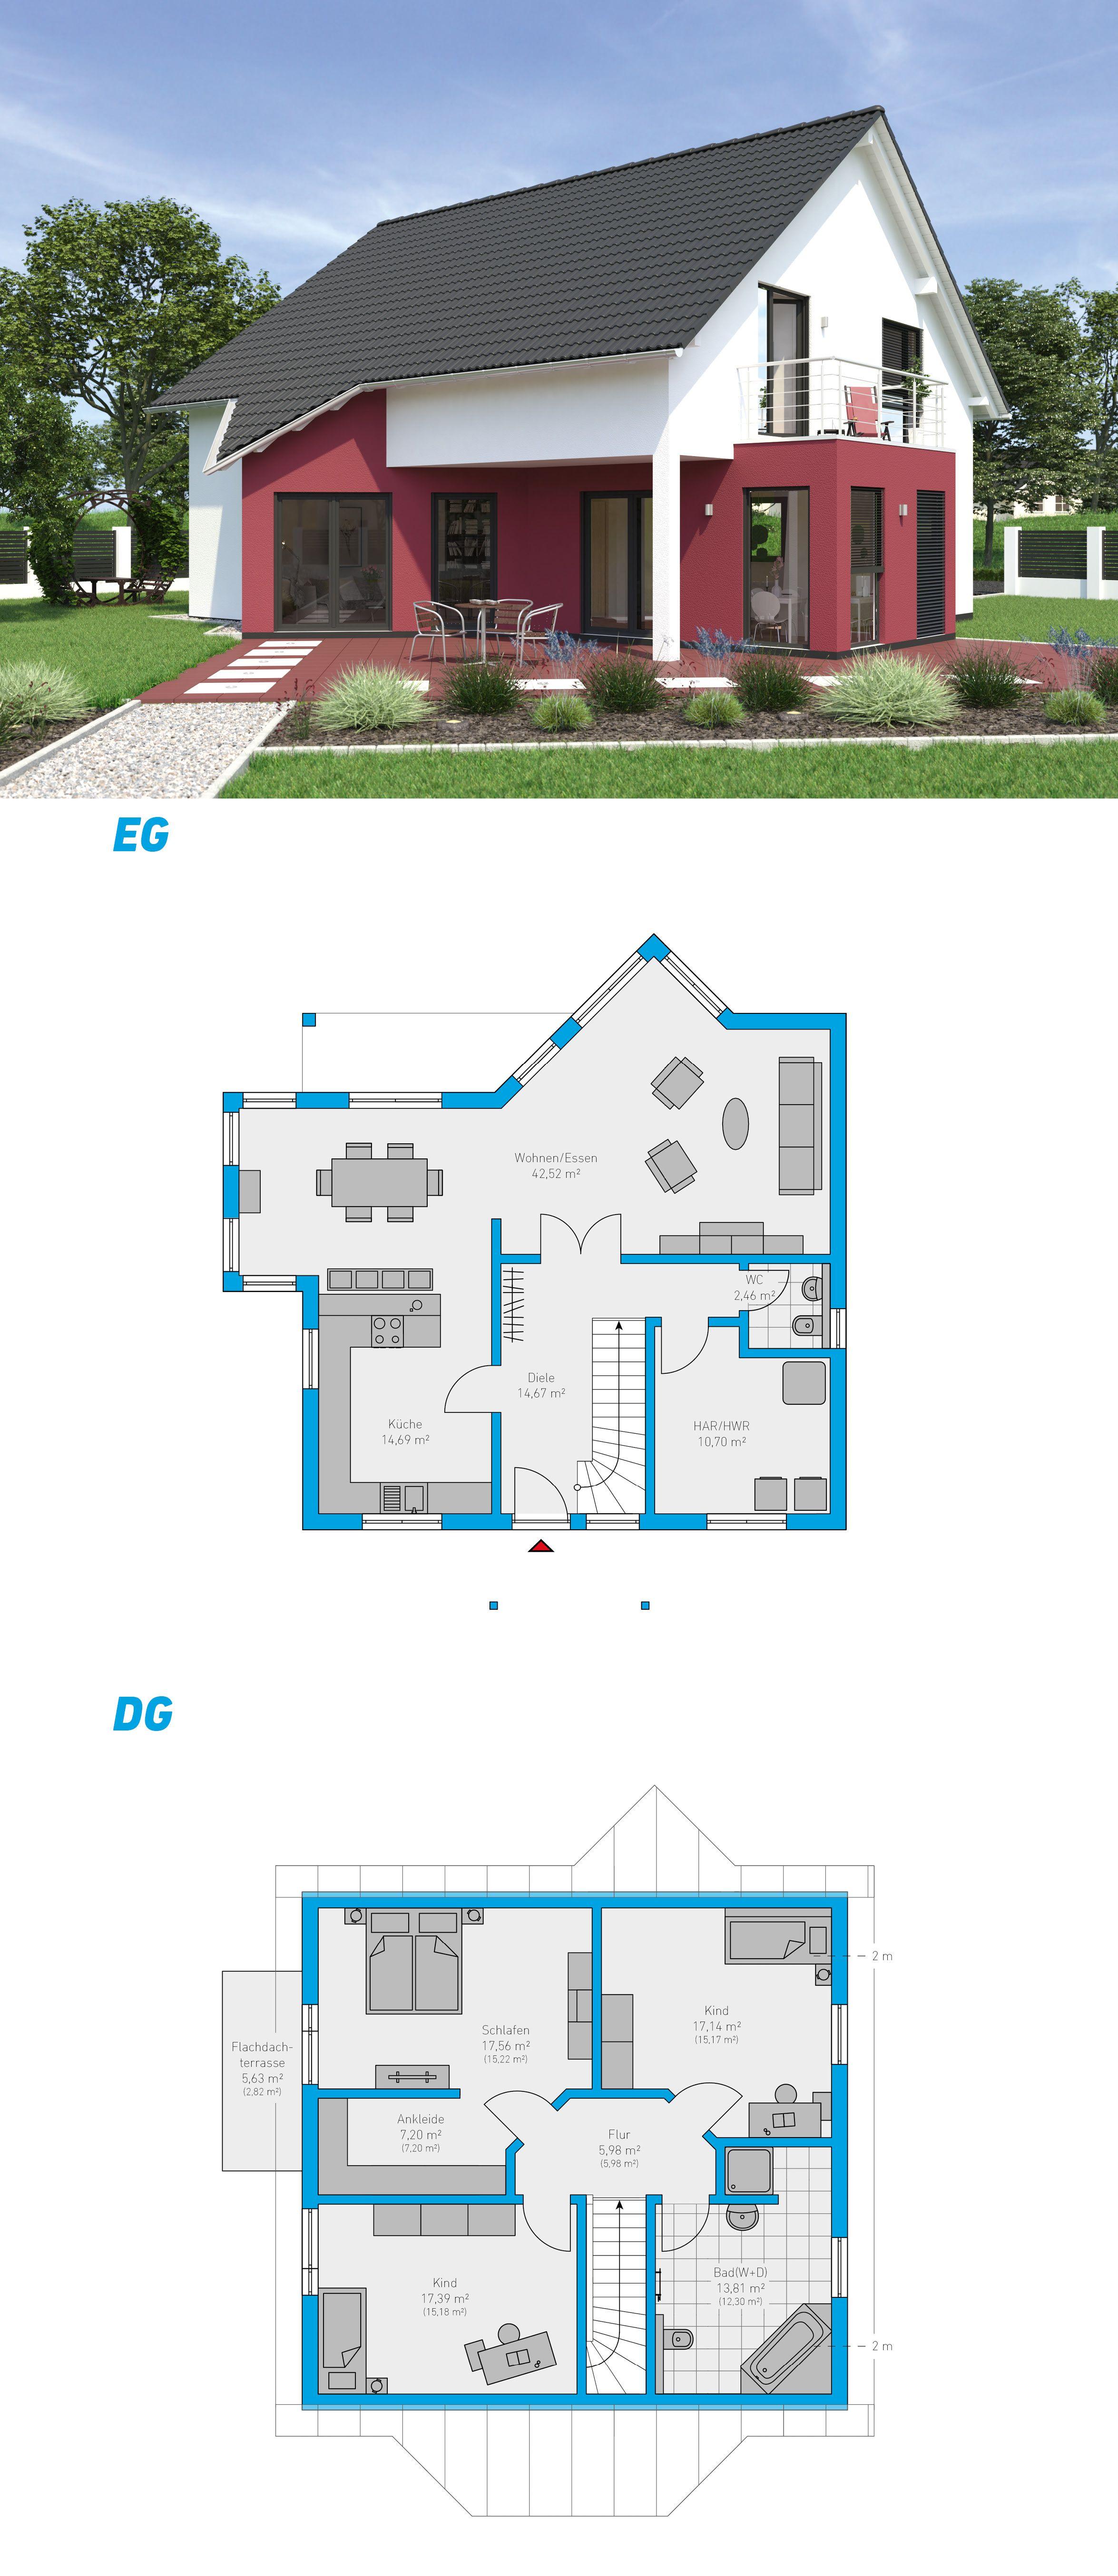 linea 170 schl sselfertiges massivhaus 1 5 geschossig spektralhaus ingutenw nden 1. Black Bedroom Furniture Sets. Home Design Ideas